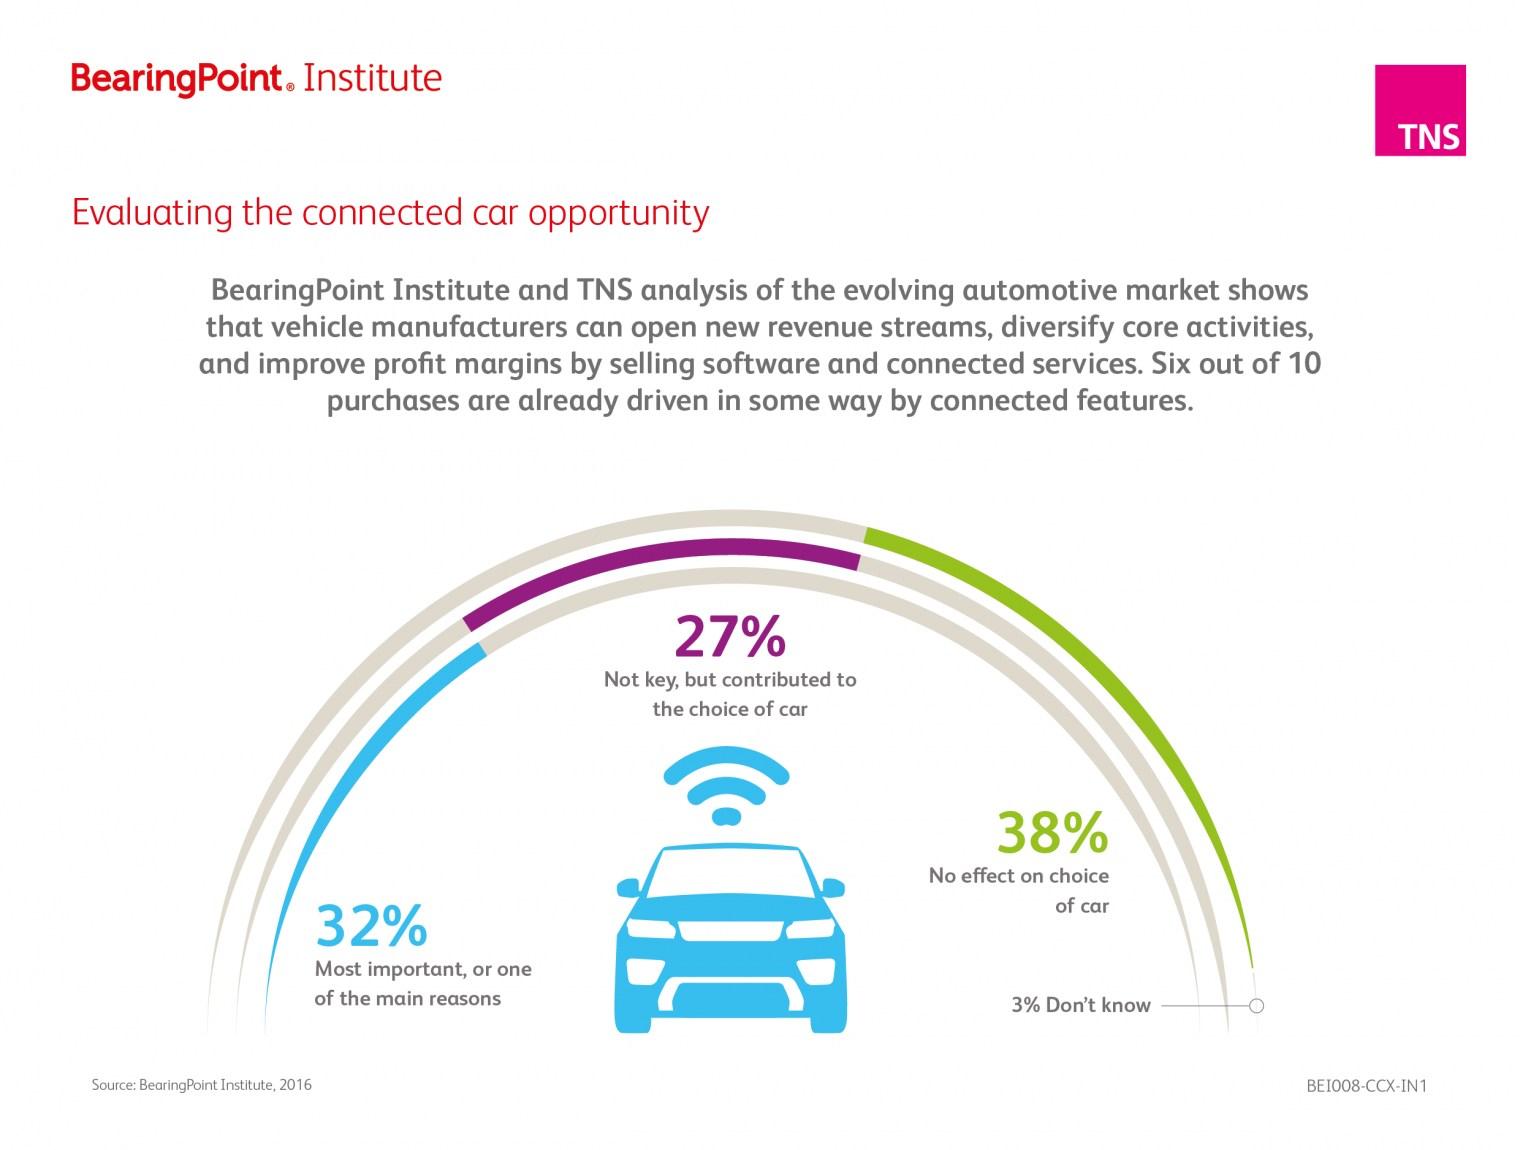 grafik bearingpoint vernetzte technologien beeinflussen die kaufentscheidung